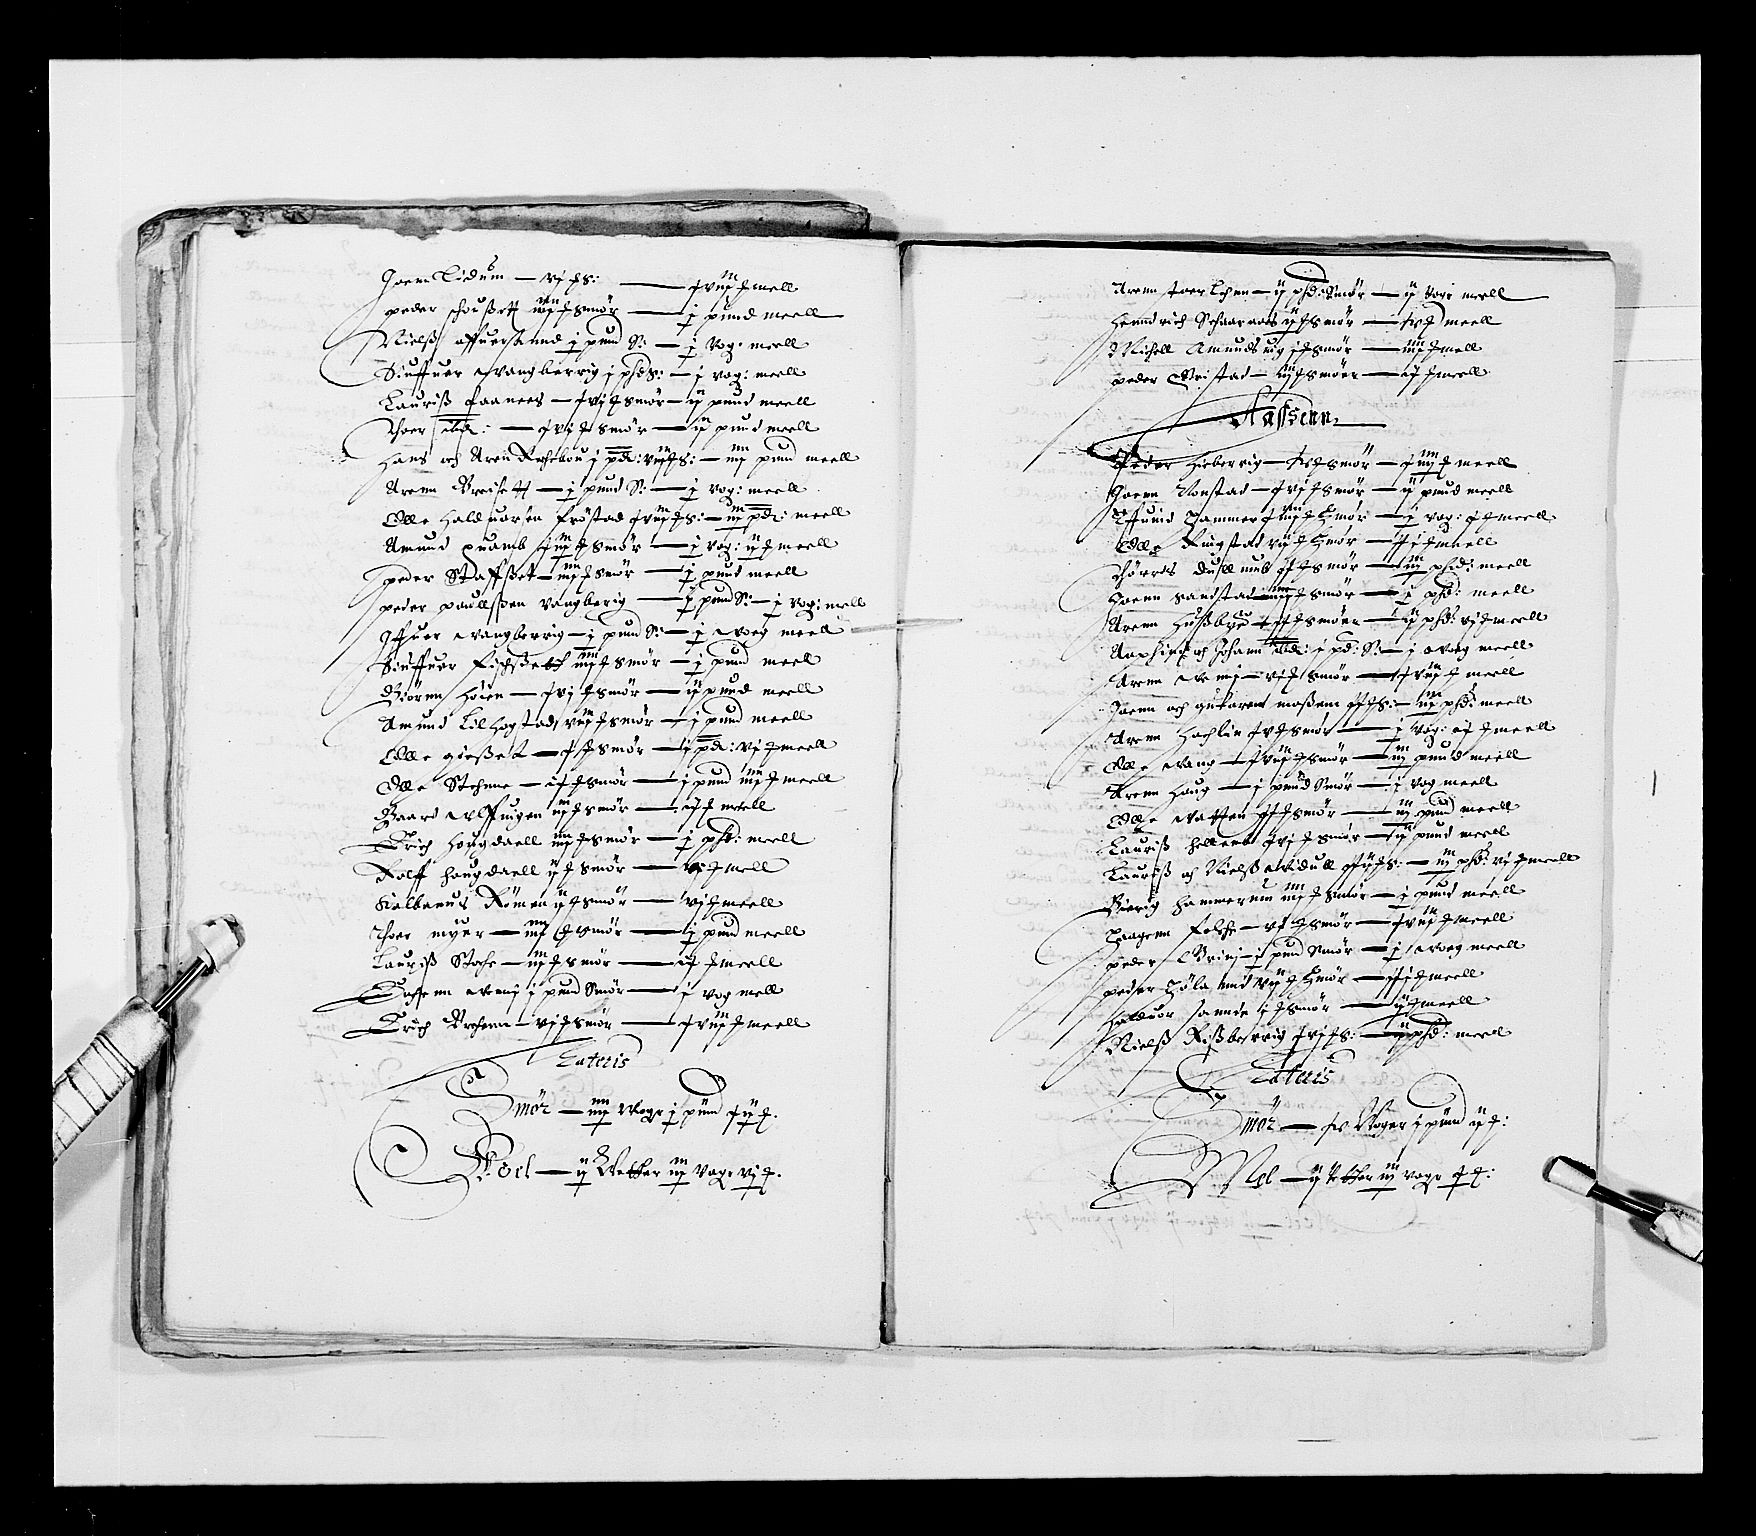 RA, Stattholderembetet 1572-1771, Ek/L0028: Jordebøker 1633-1658:, 1645-1646, s. 142